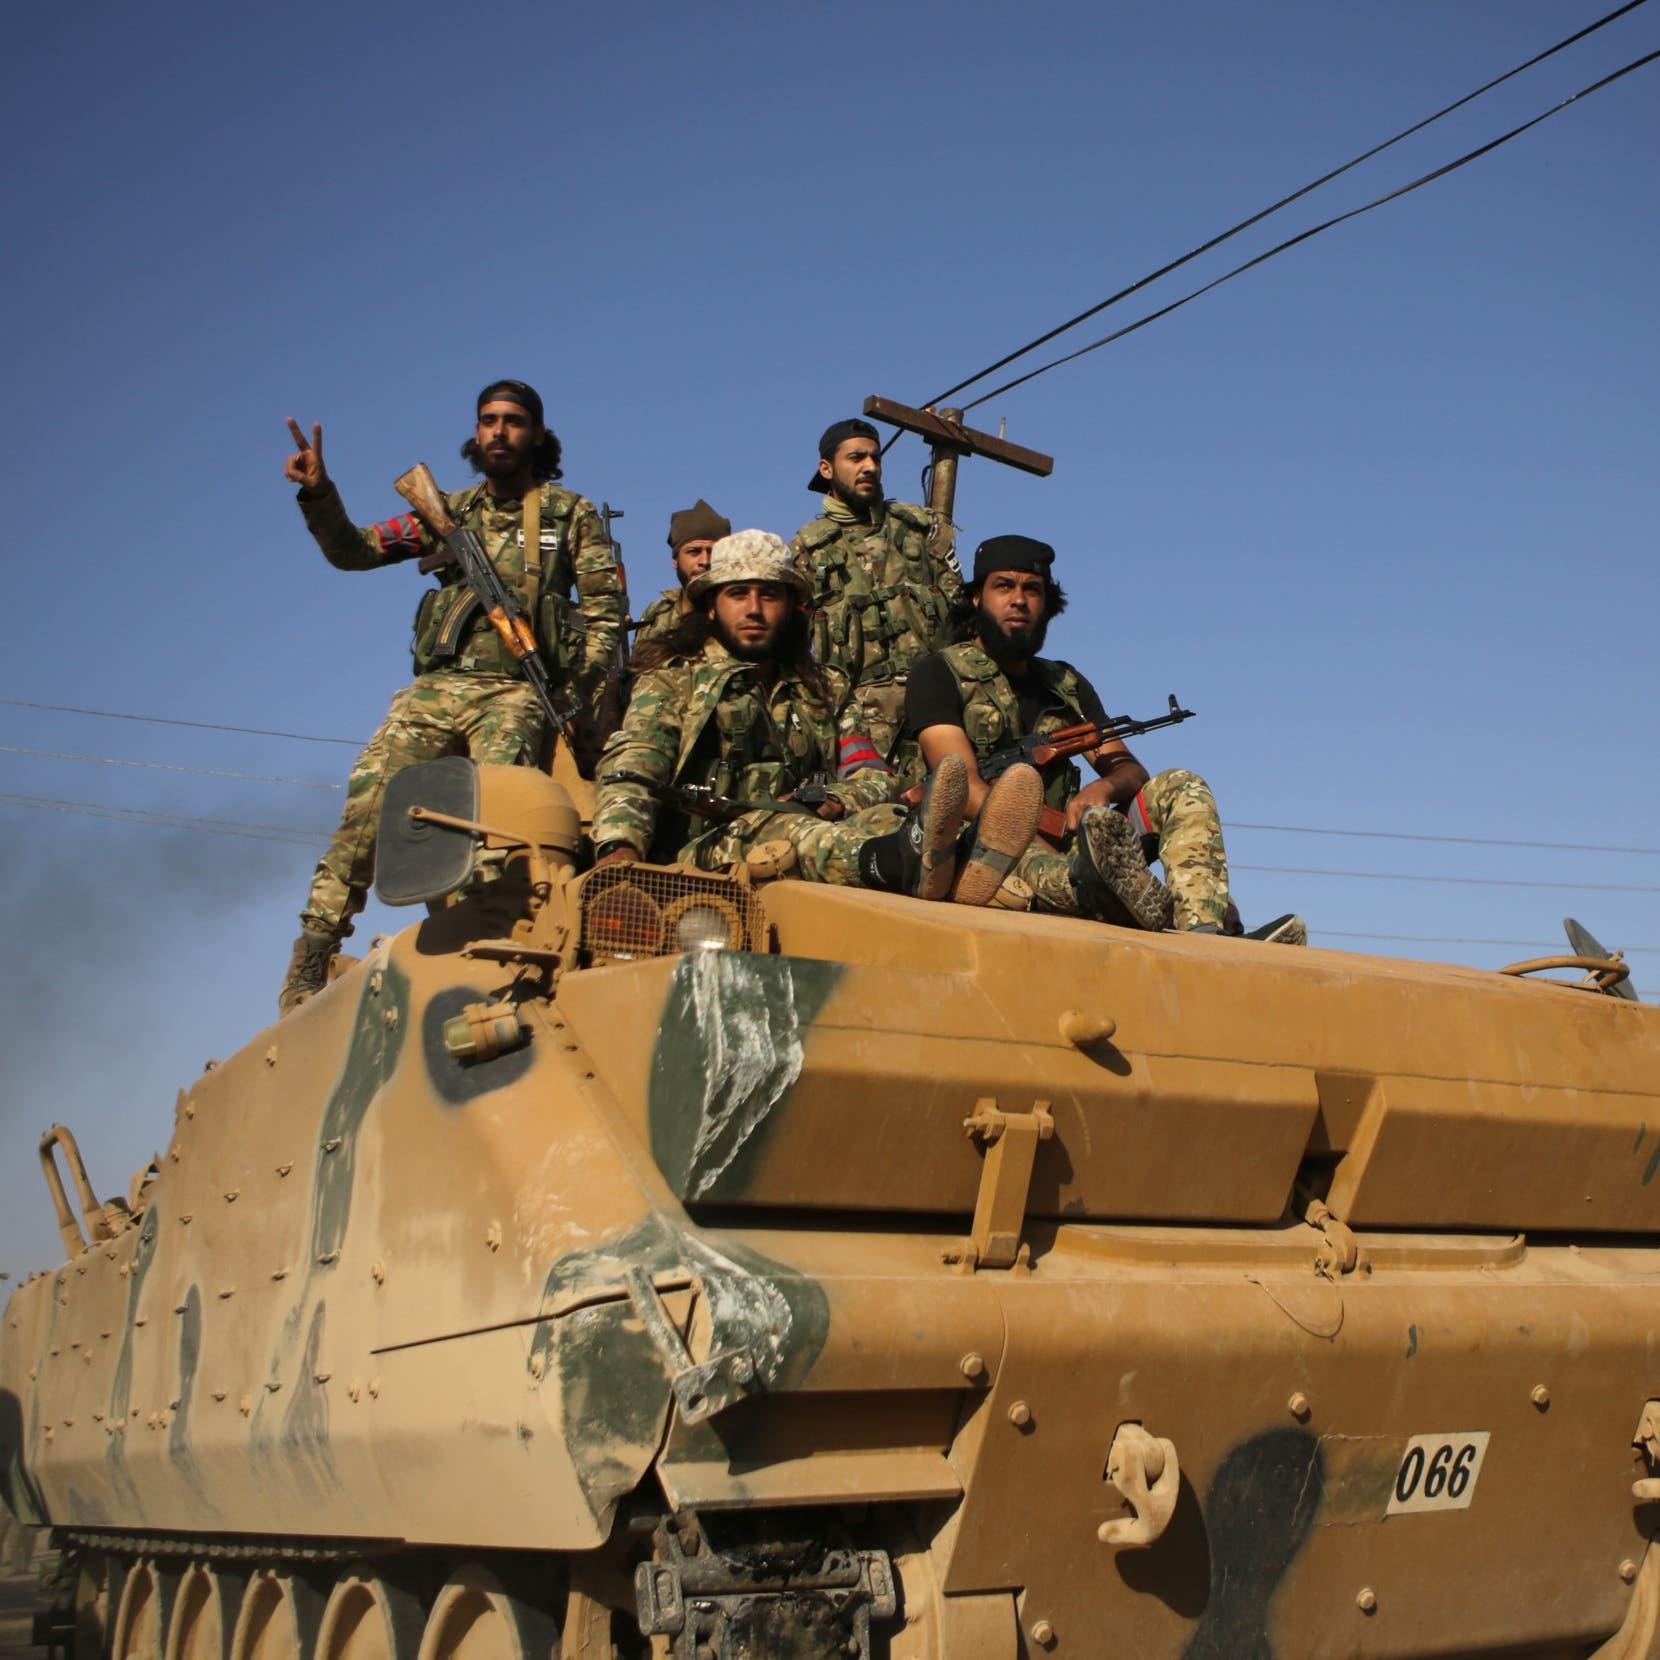 مغريات ورواتب.. فصائل تركيا بسوريا تجند مقاتلين لليبيا